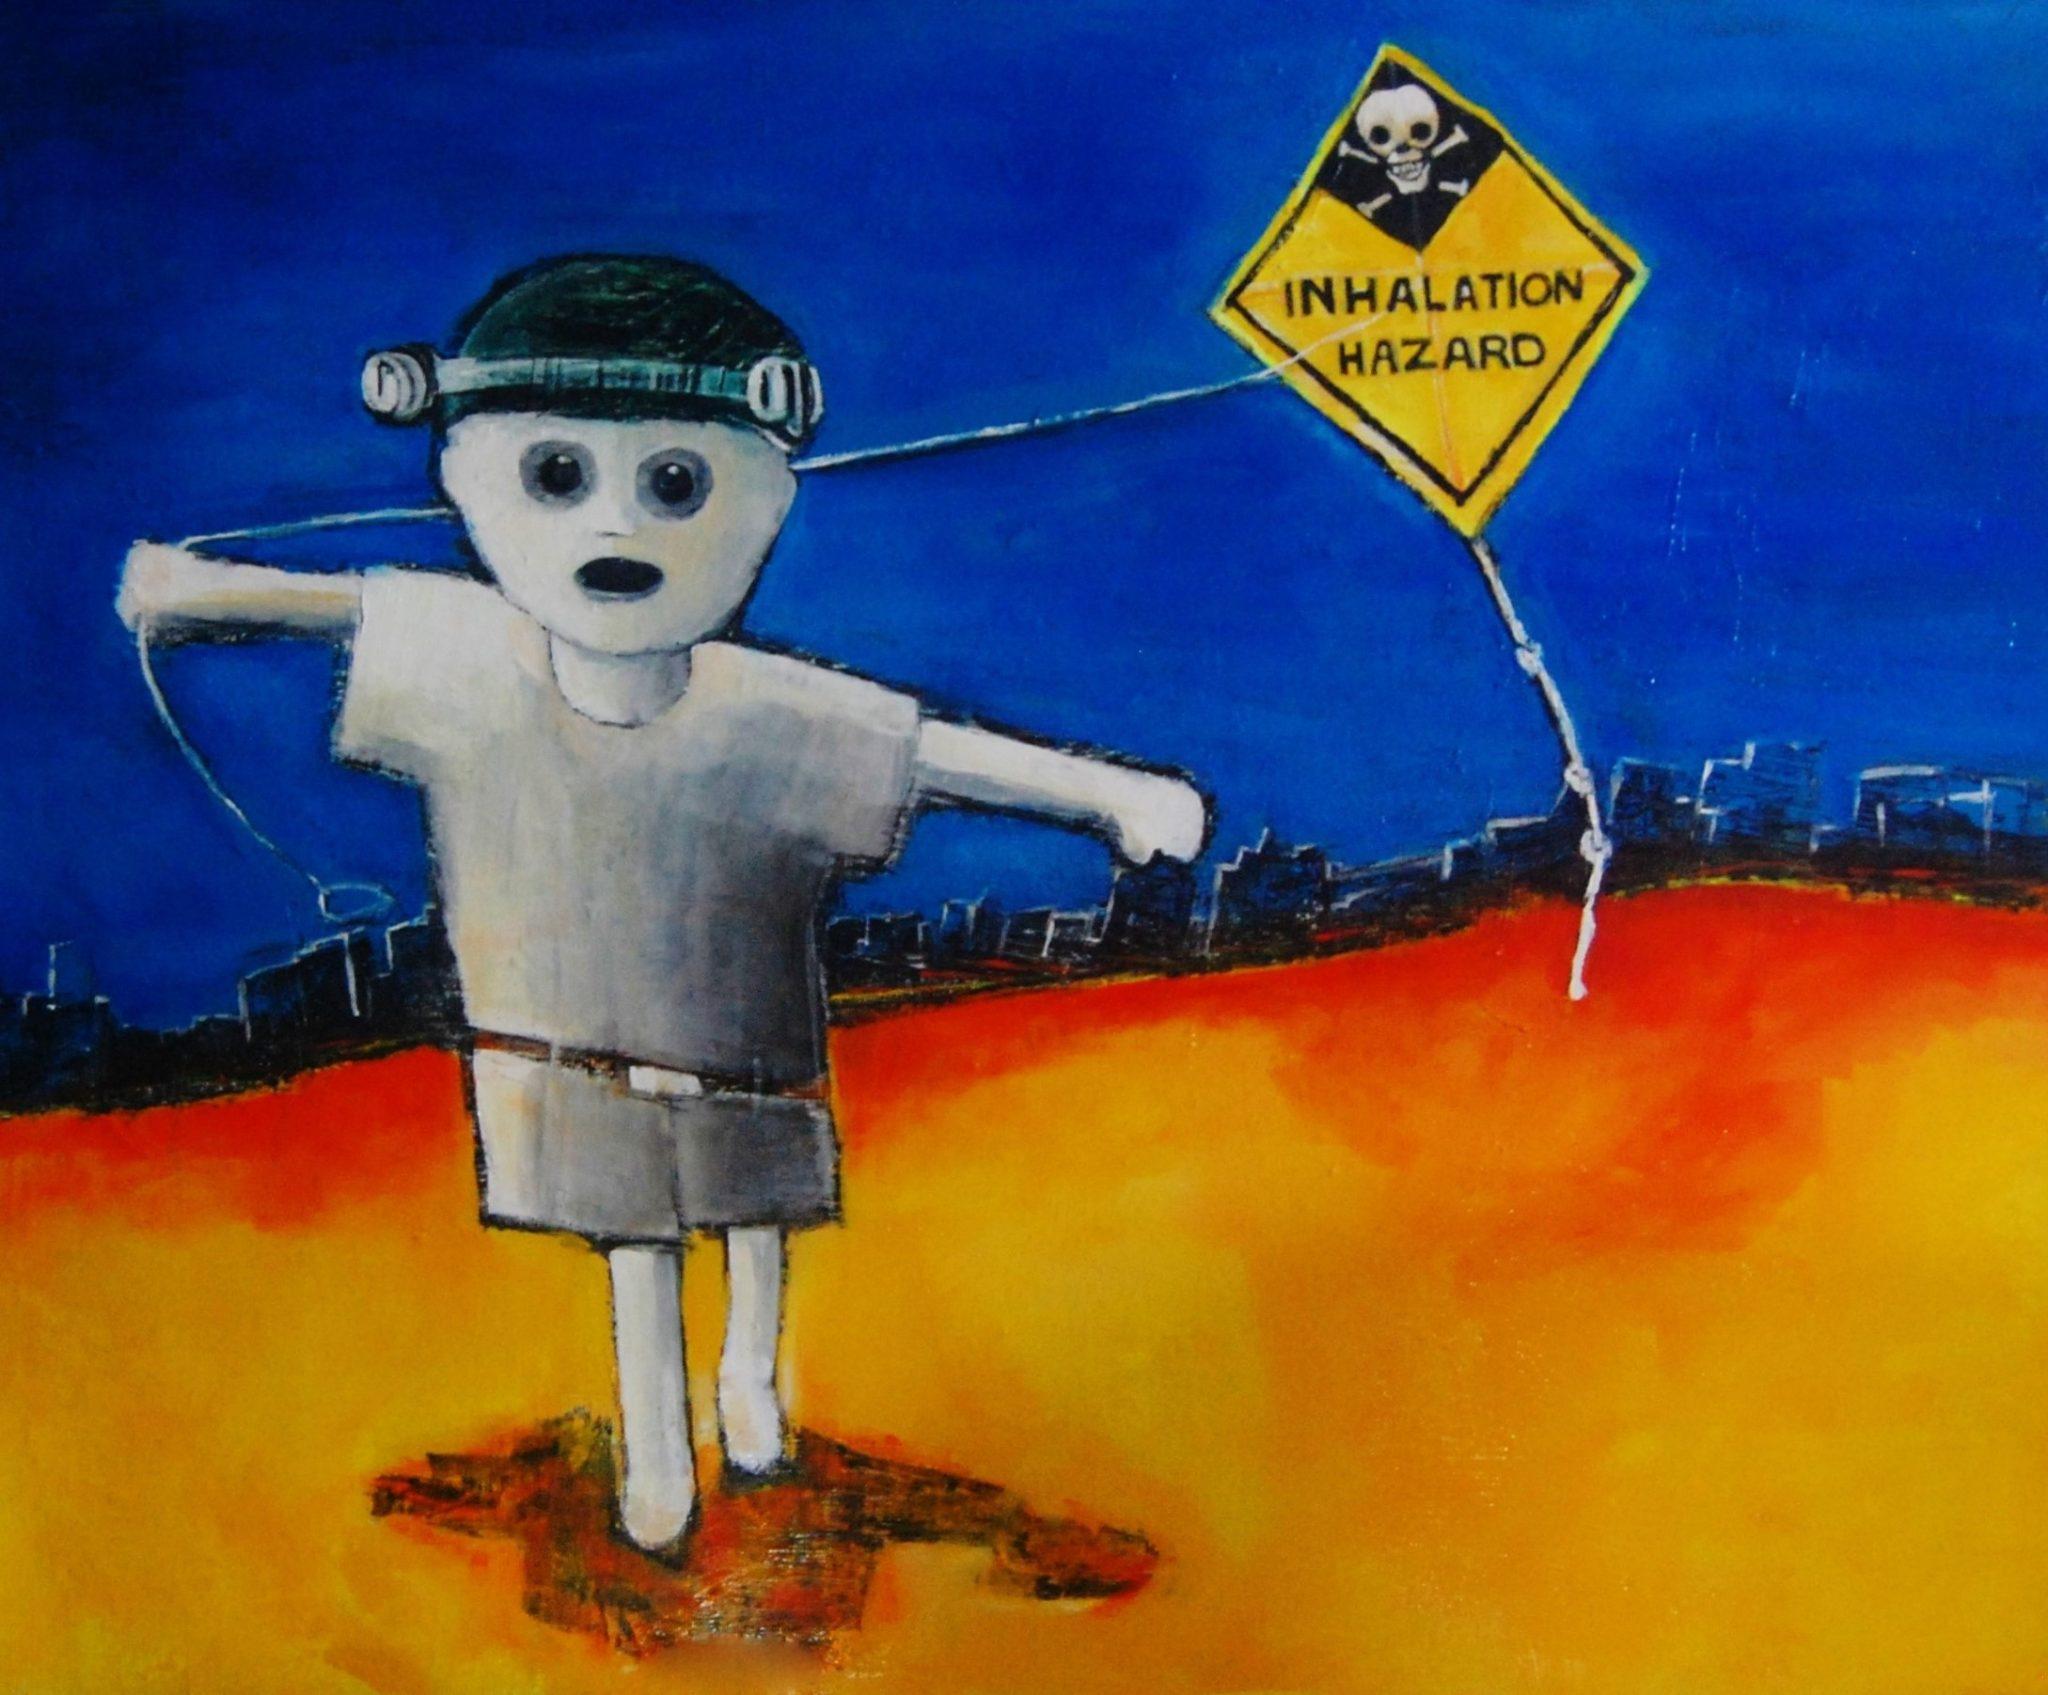 Inhalation Hazard by Jean Cormier